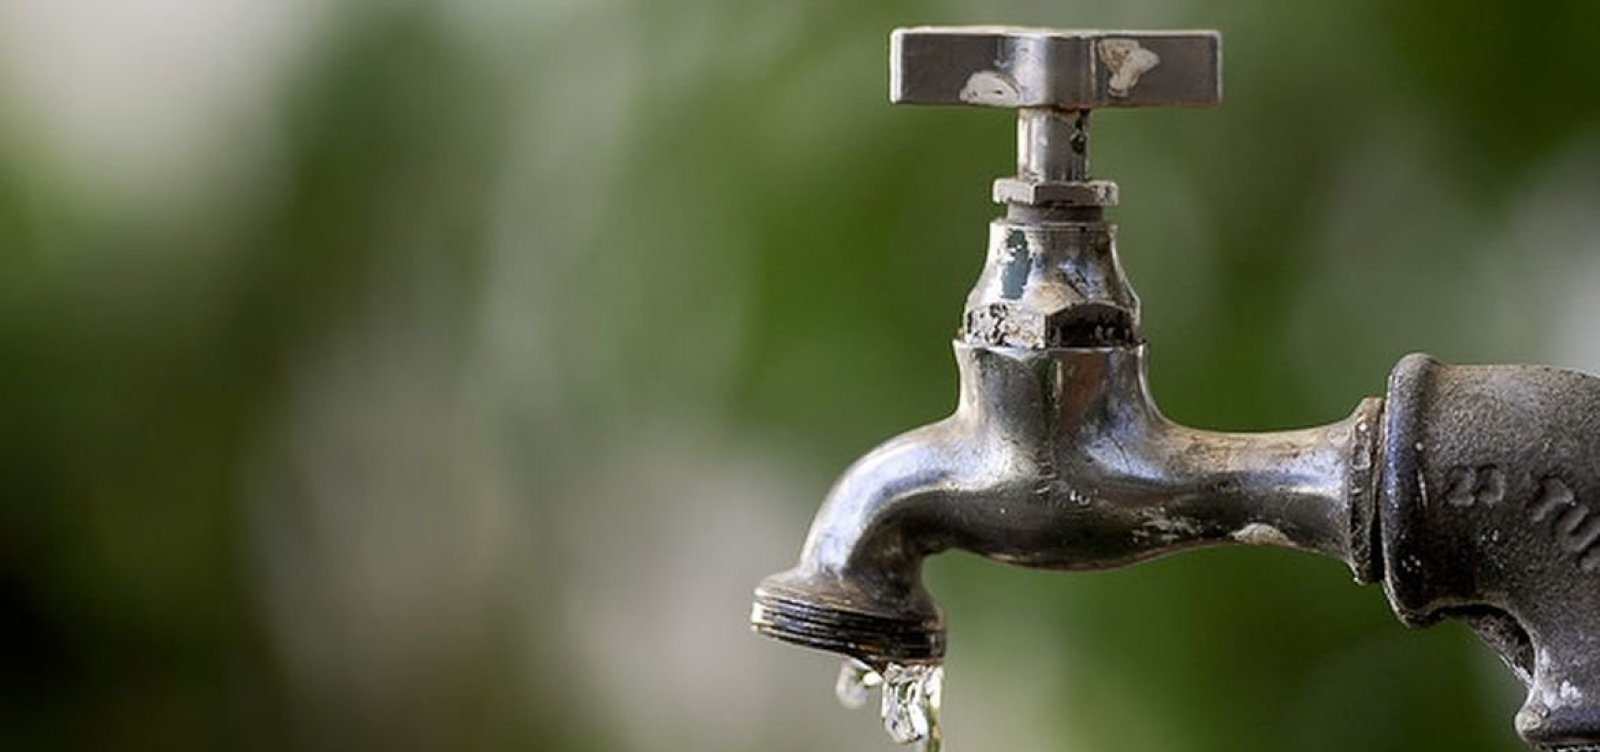 Embasa anuncia suspensão do fornecimento de água em Feira de Santana; confira